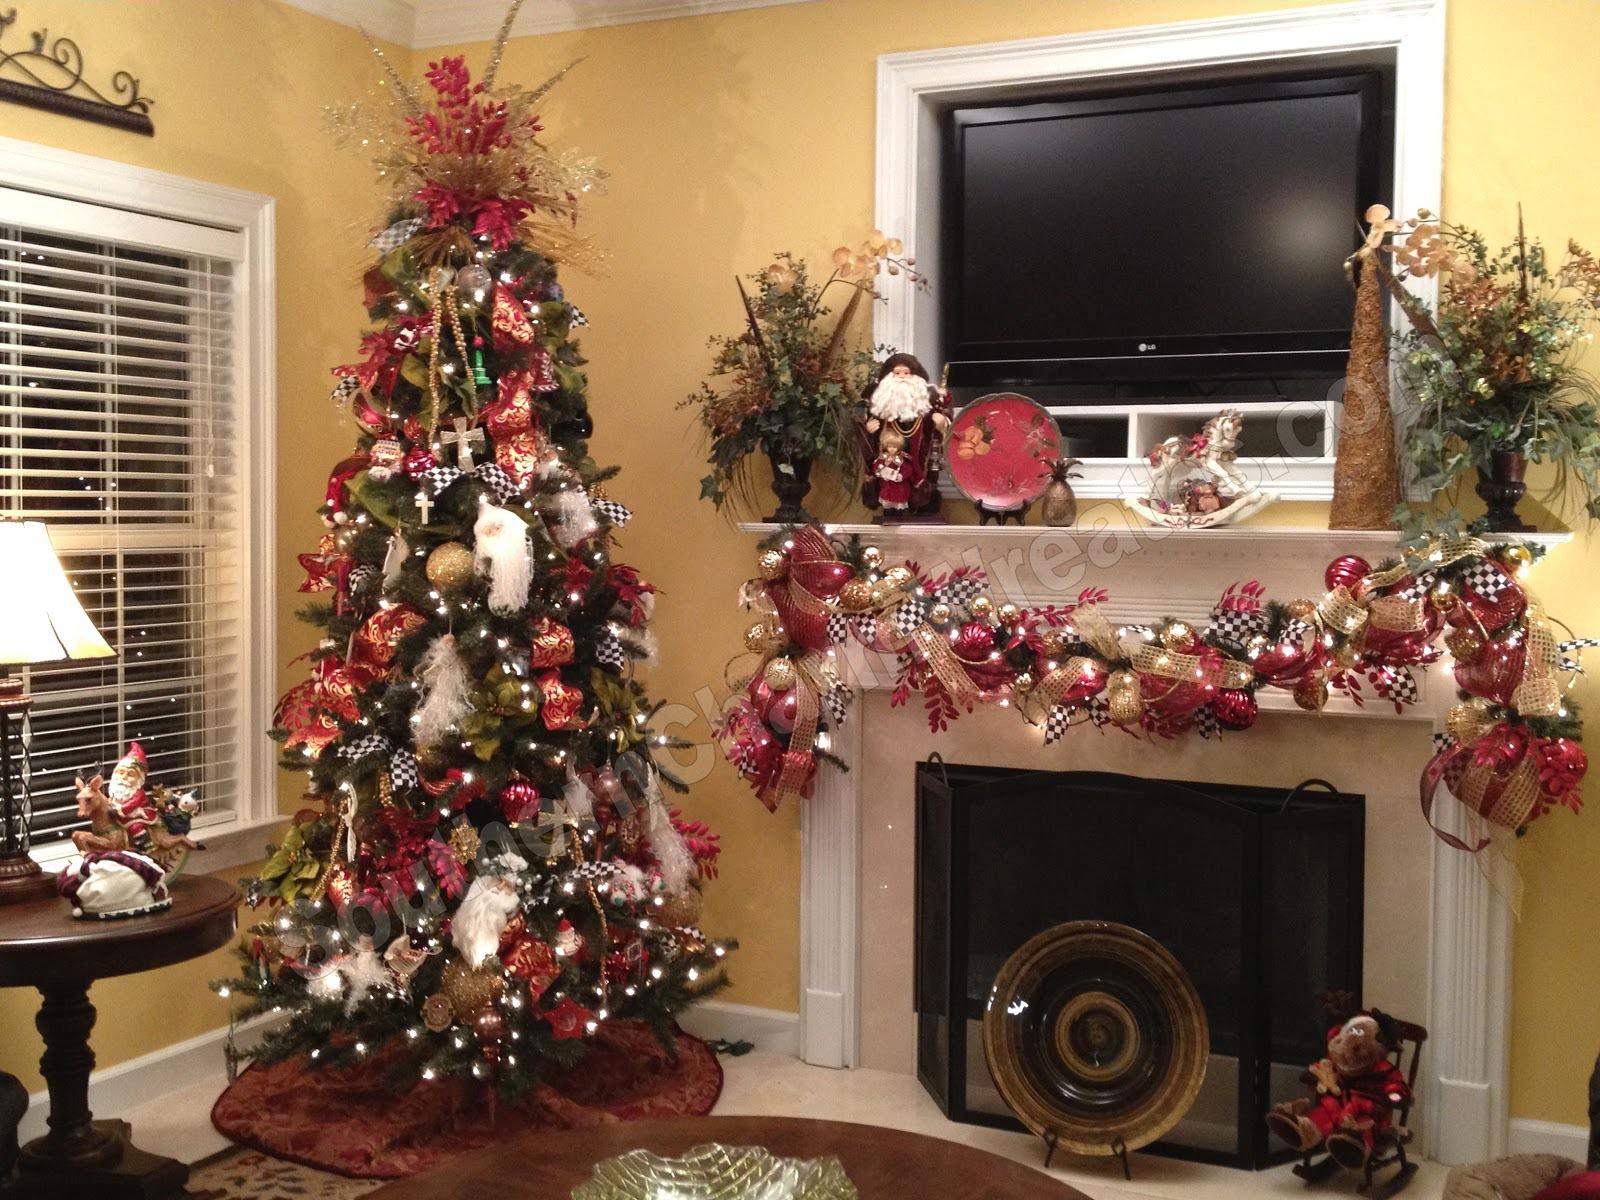 Красивая Новогодняя елка - обои для рабочего стола ...: http://www.zastavki.com/rus/Holidays/New_Year_wallpapers/wallpaper-50573.htm